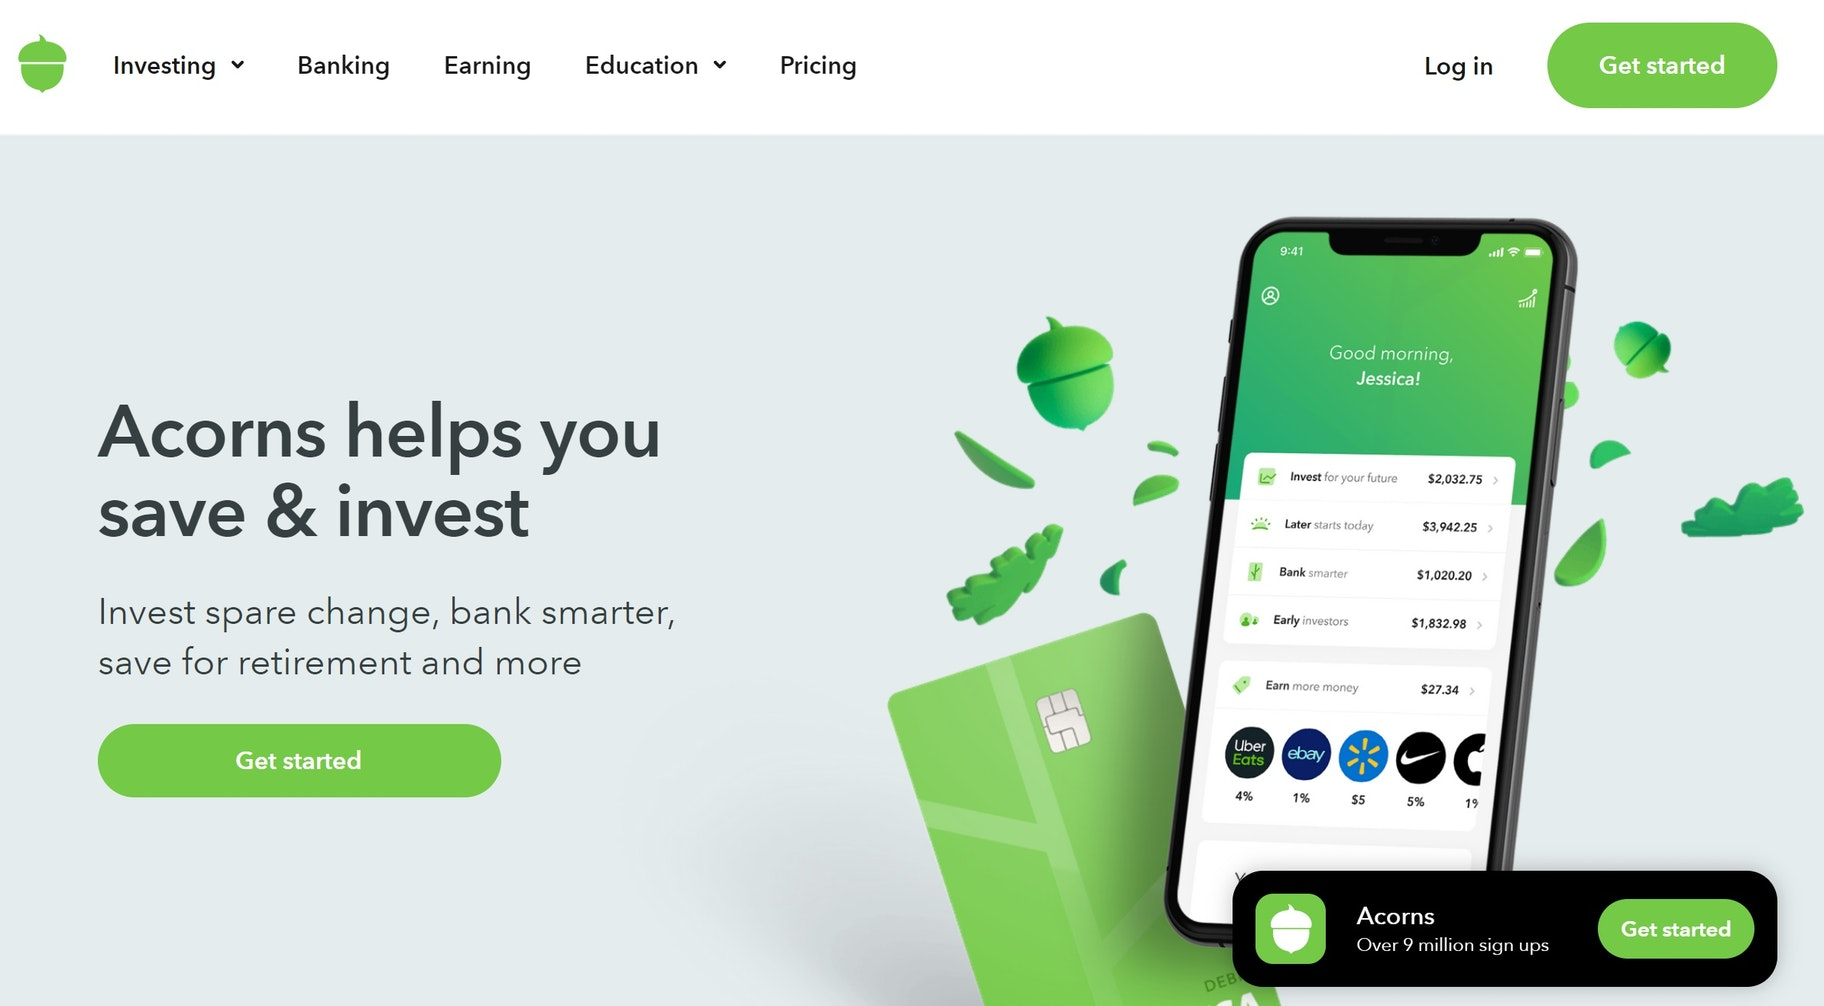 smartphone investment app: Acorns